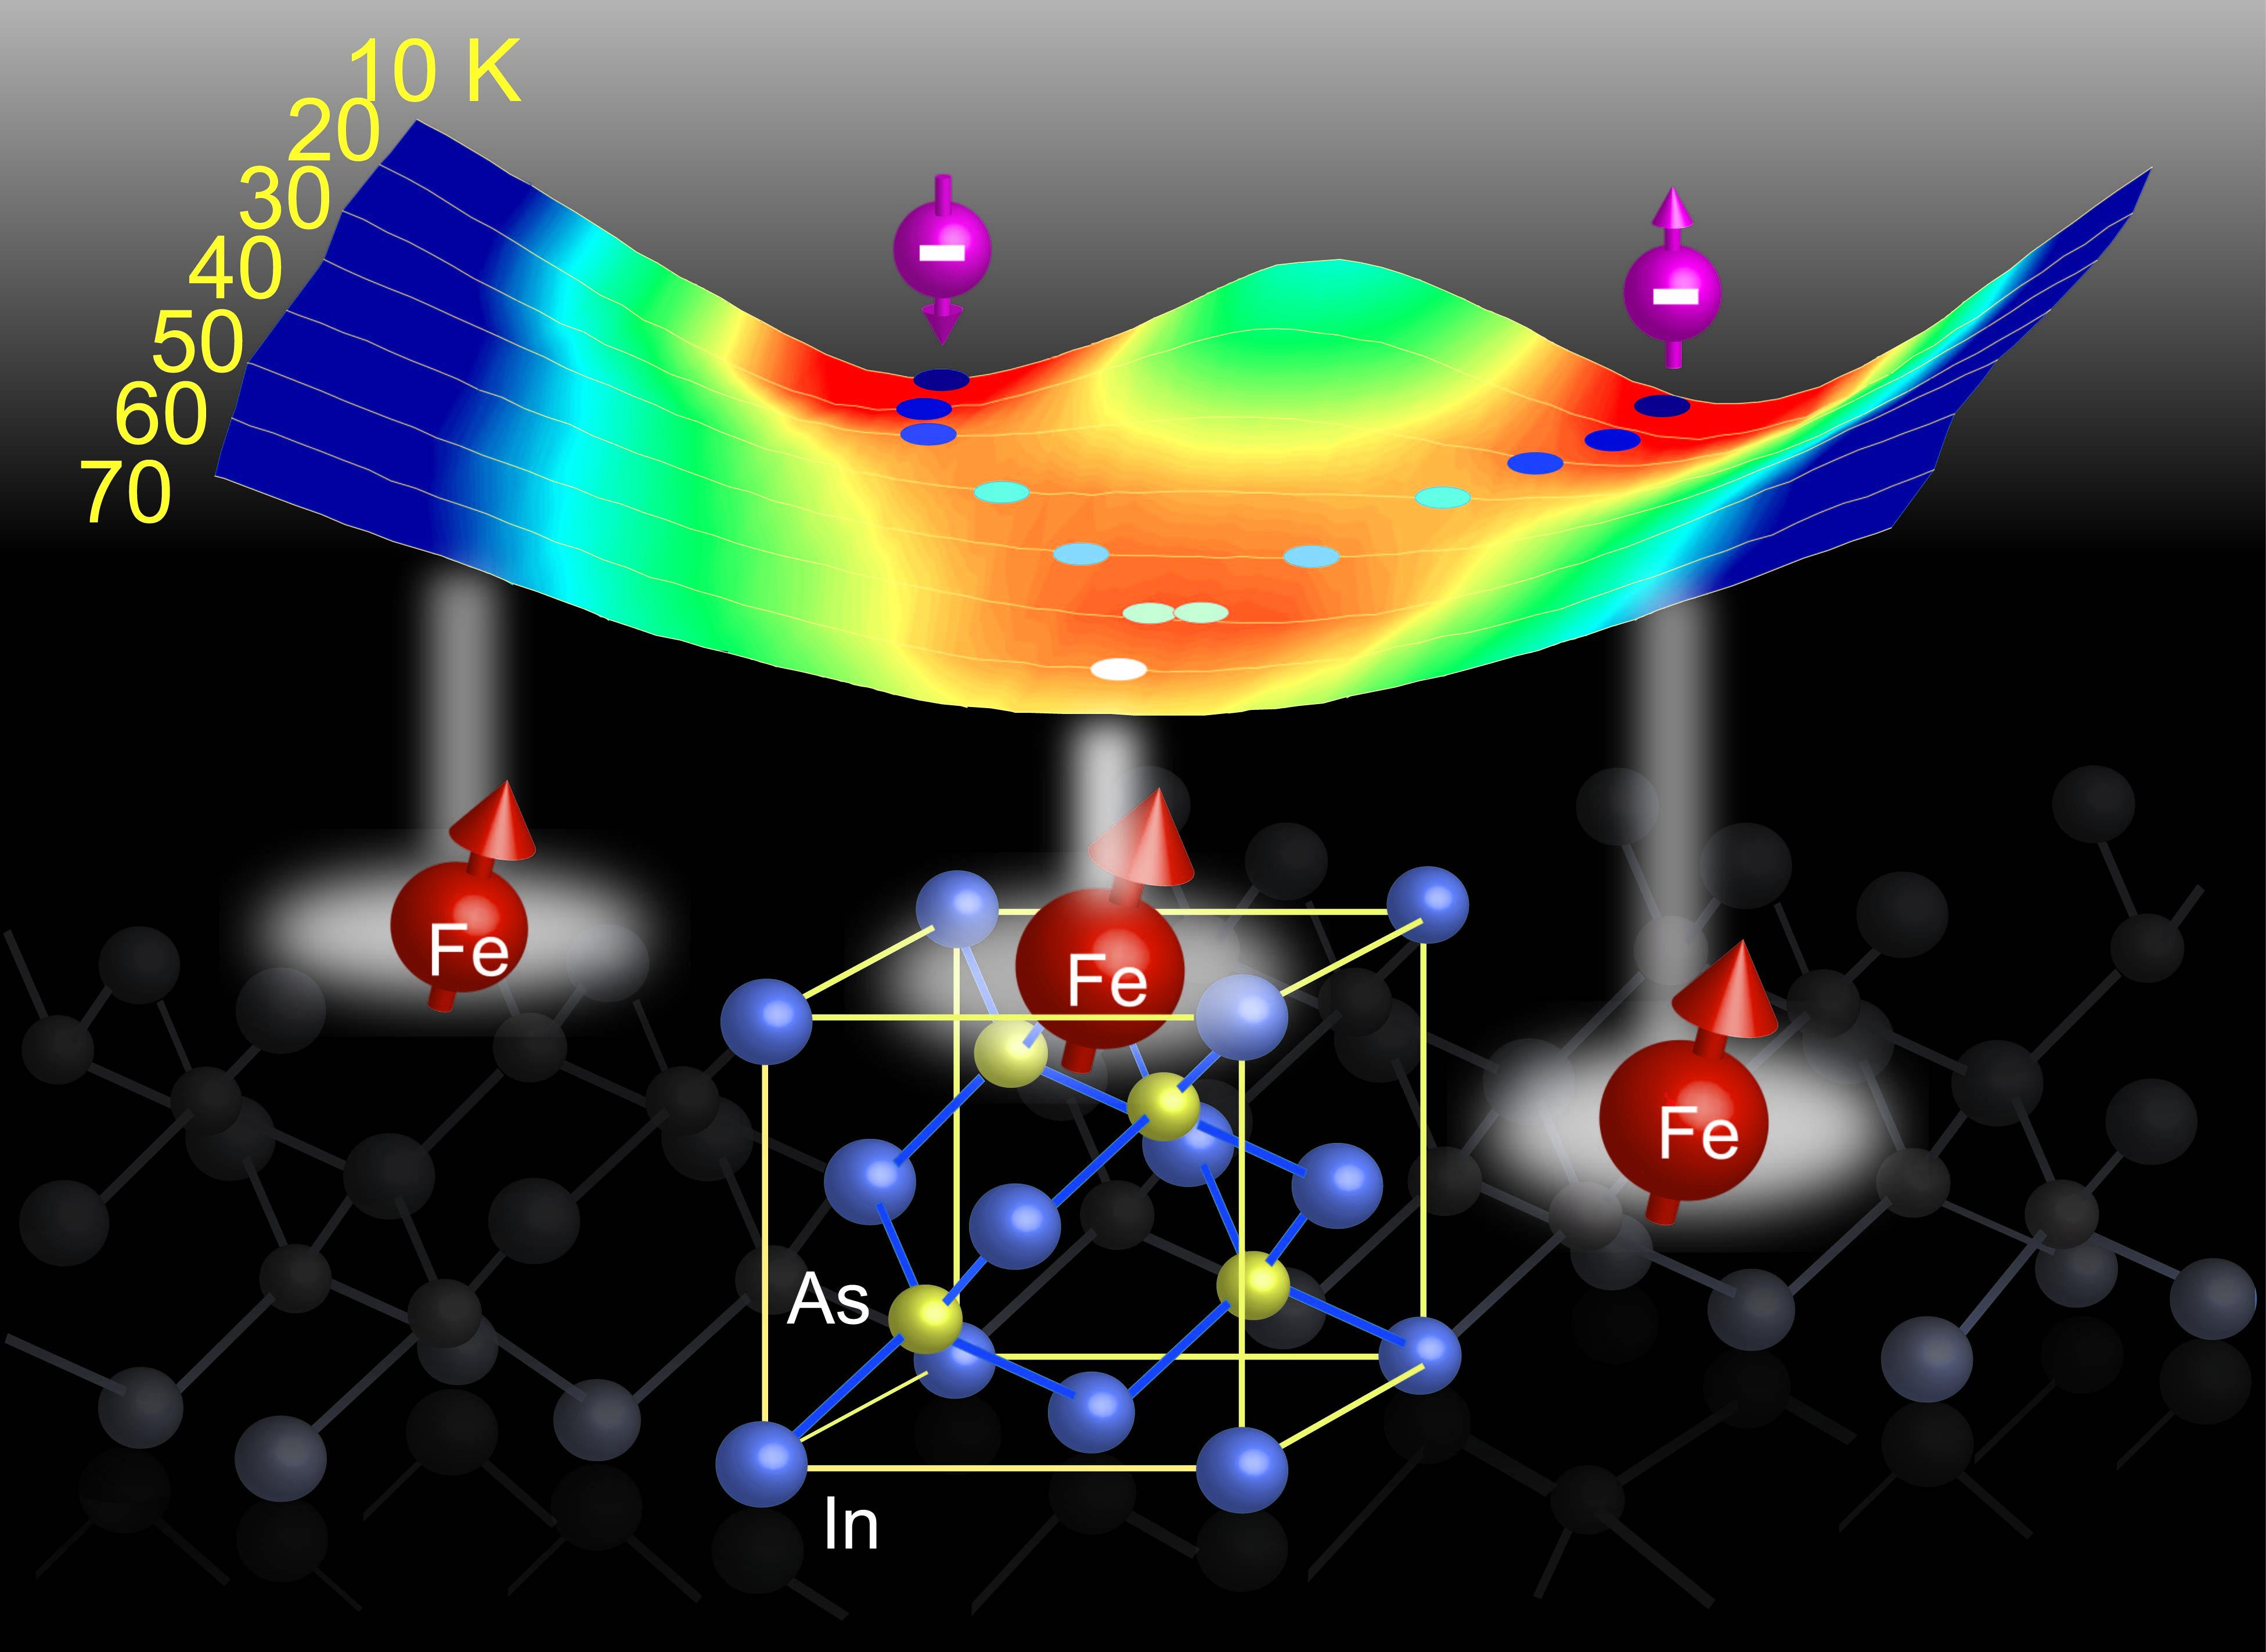 Trong hợp chất bán dẫn sắt từ (In,Fe)As (ảnh dưới), sự tương tác giữa các spin của nguyên tử Fe với các hạt dẫn điện tử tạo ra trạng thái sắt từ và sự phân cực tự phát lớn giữa mức năng lượng của hai trạng thái spin của hạt điện tử tại vùng dẫn (ảnh trên).